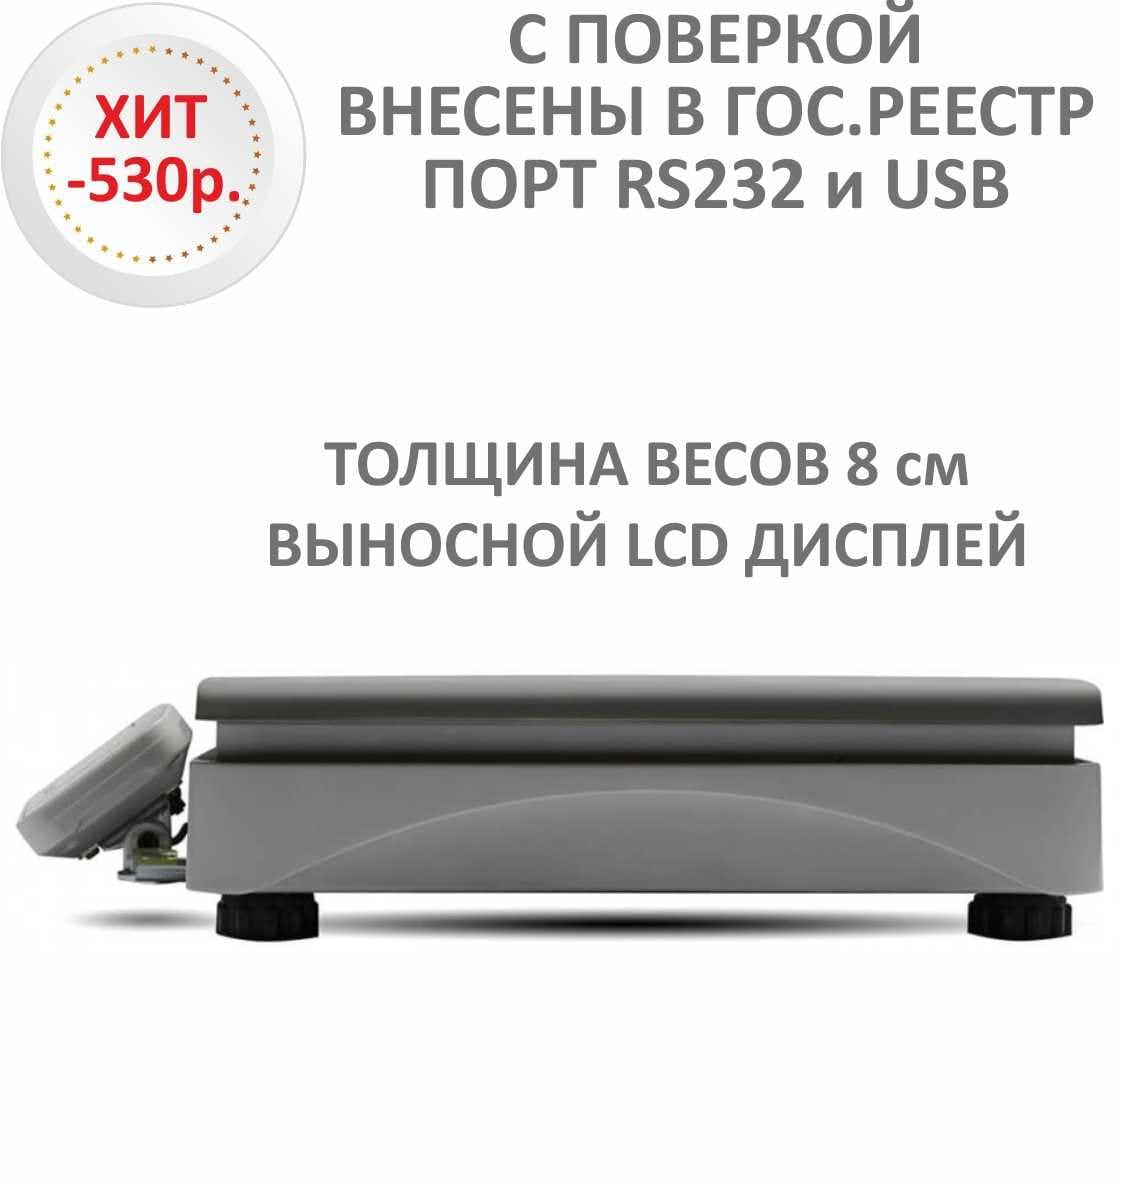 Весы торговые настольные M-ER 222 F-15.2/32.5 Connect LCD RS232 USB - вид сбоку